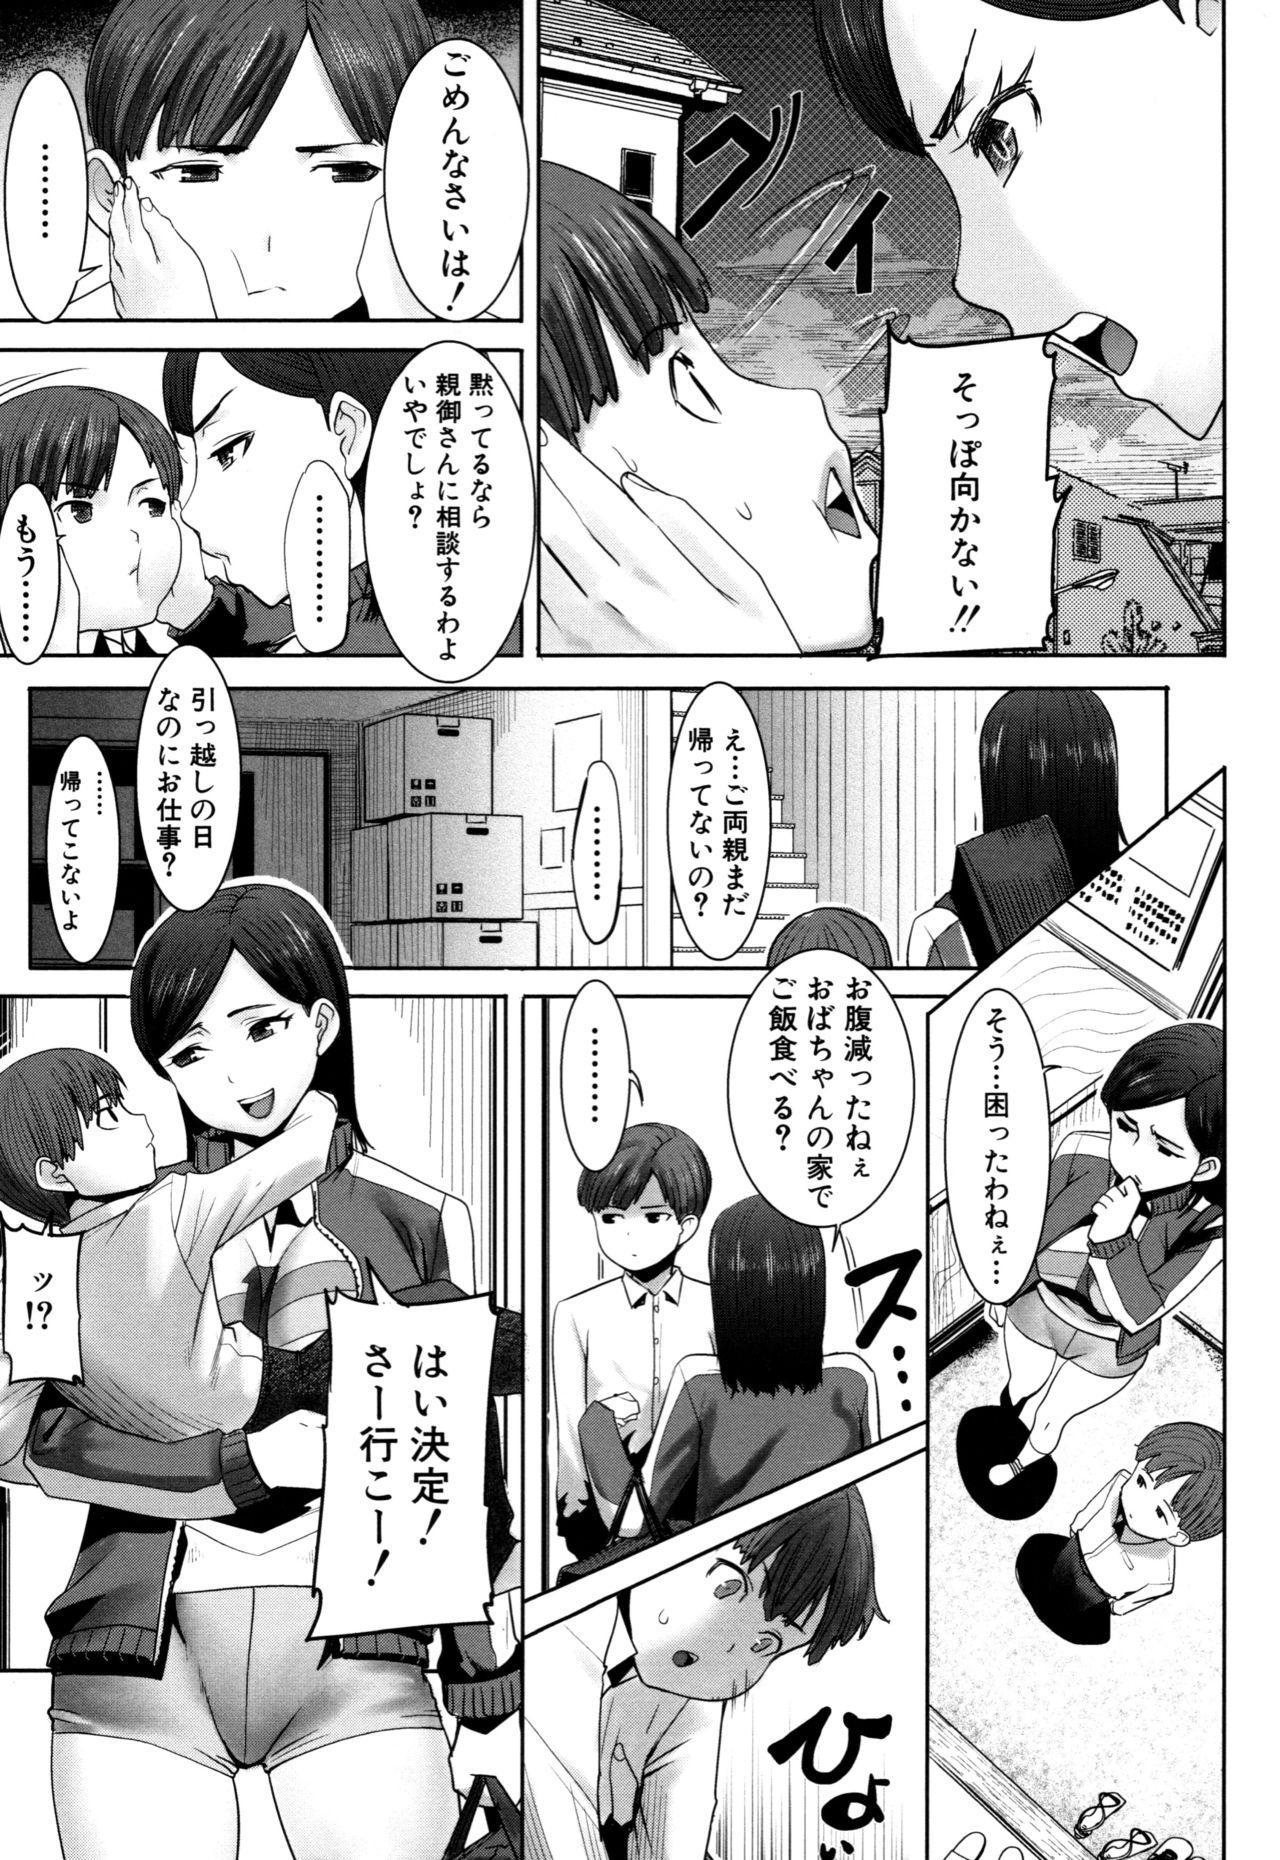 Unsweet - Asahina Ikka Netorareta Haha · Tomoko 8